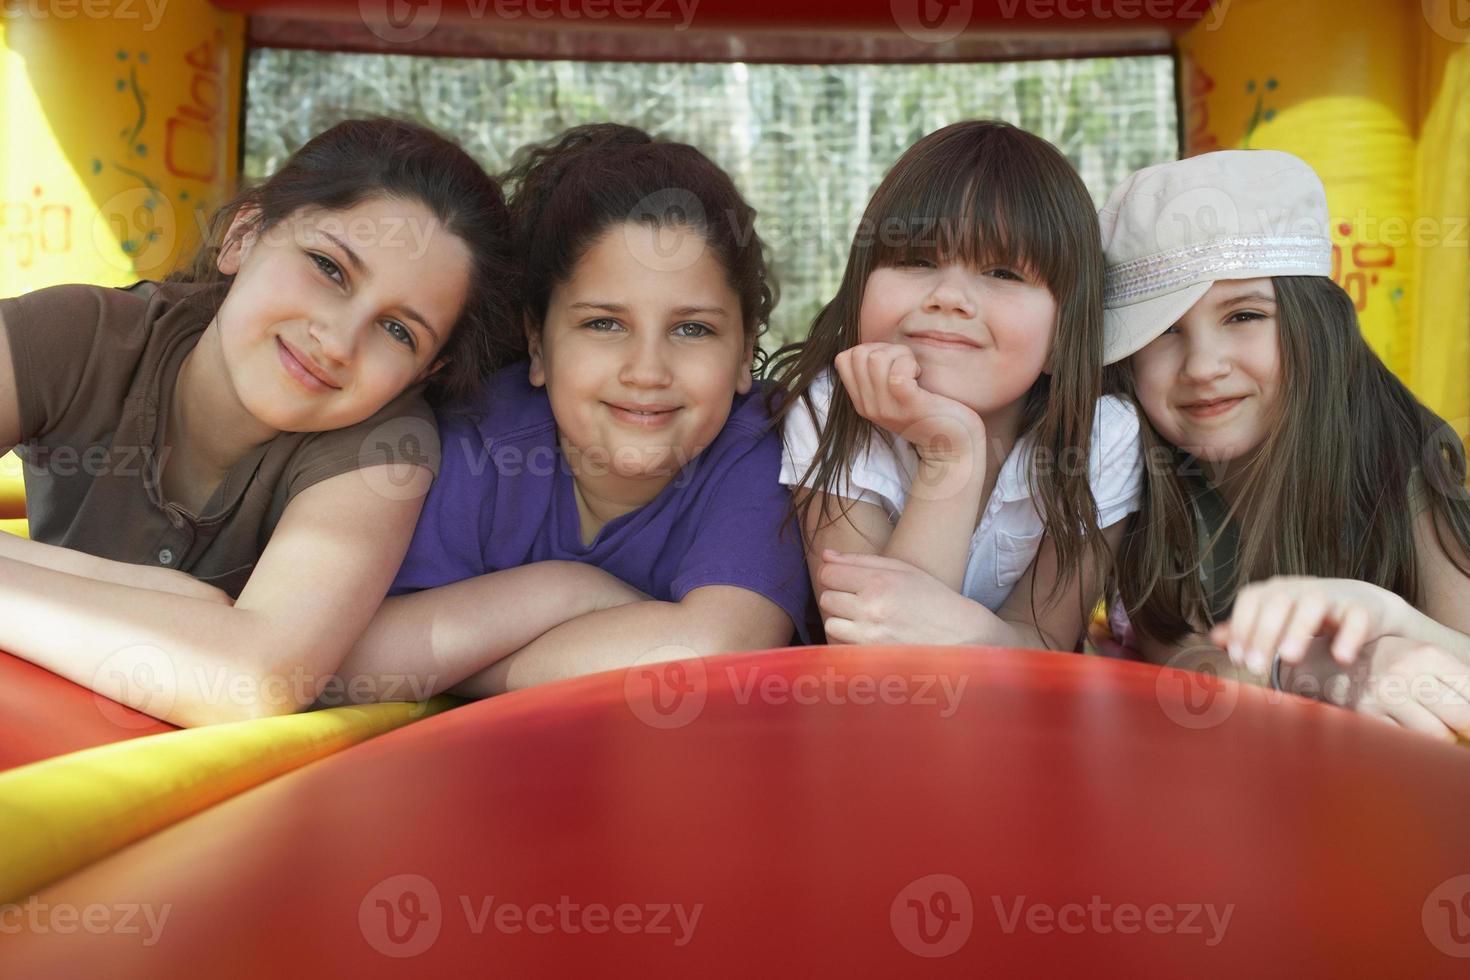 ragazze felici che si rilassano nel castello gonfiabile foto